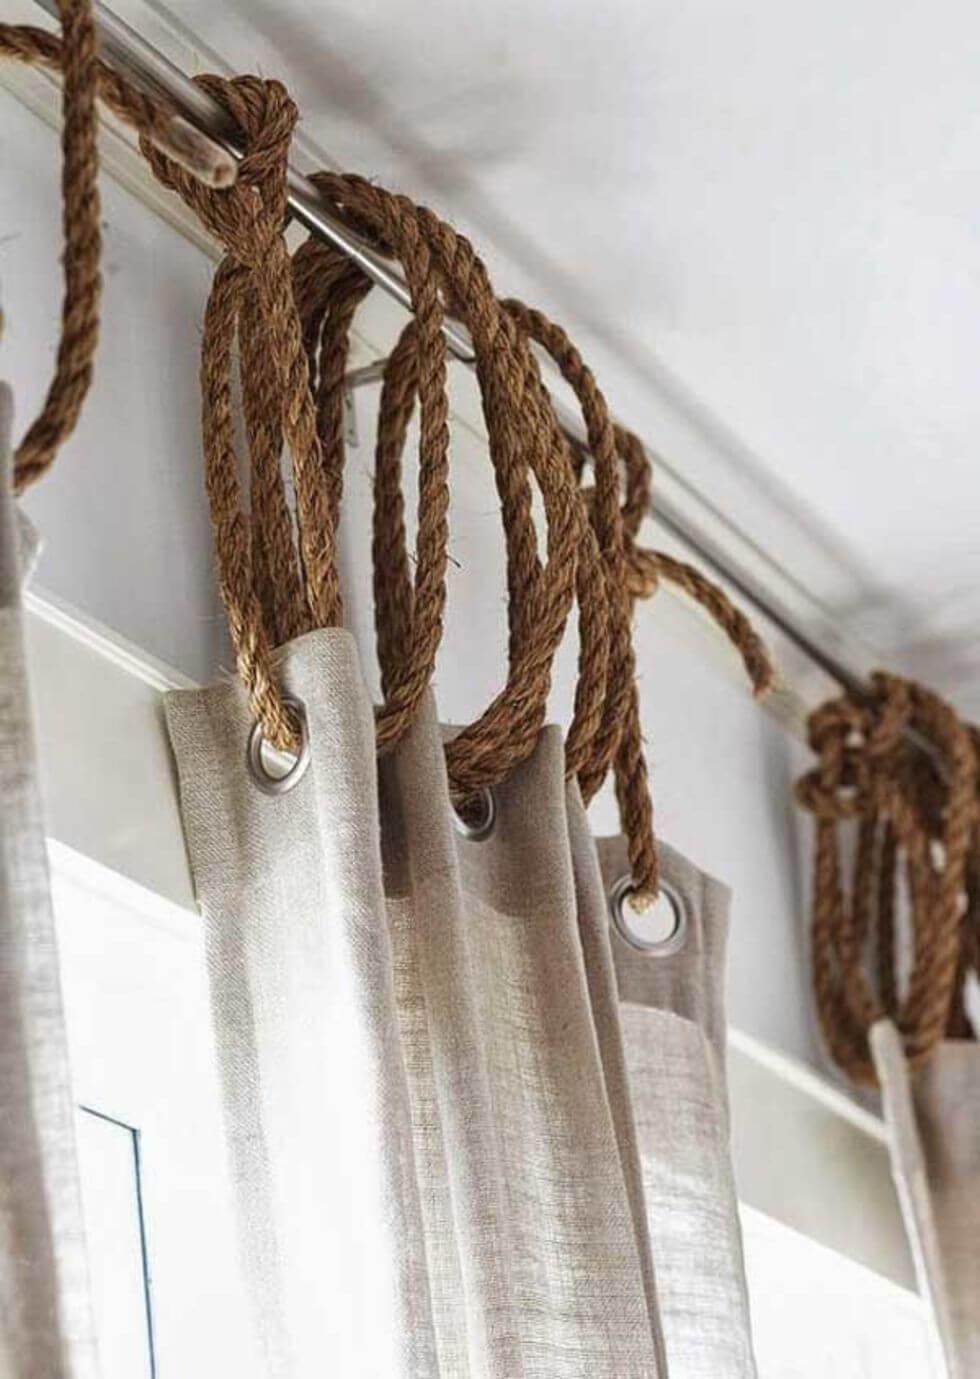 Idées uniques pour suspendre des rideaux avec une corde